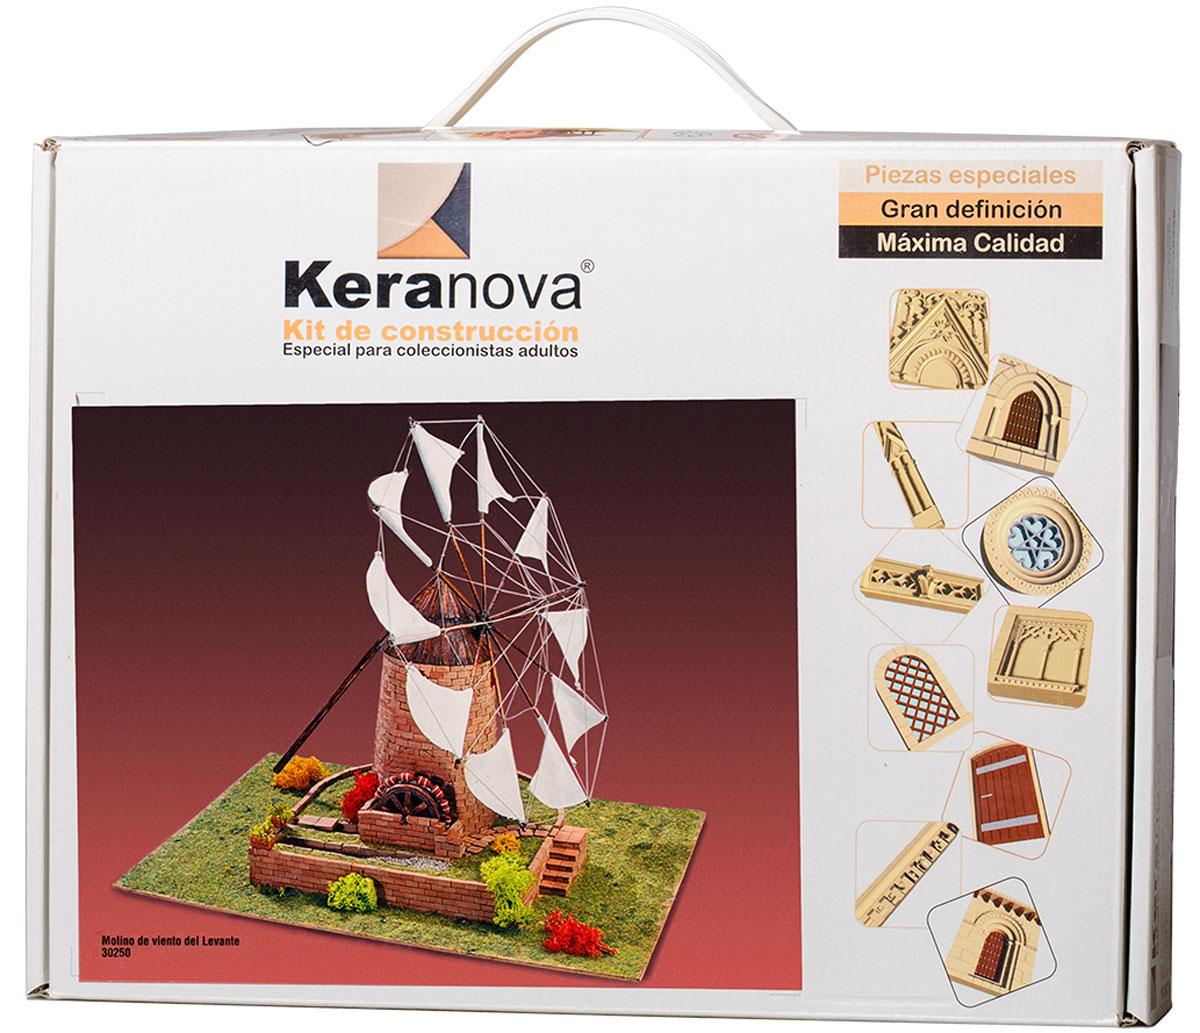 Keranova Конструктор Ветряная мельница30250Наборы для строительства Keranova позволяют почувствовать себя создателем архитектурных сооружений в полной мере. Средневековые замки и домики, башни, мельницы, береговые маяки – вы можете построить сами и украсить миниатюру по своему желанию. Некоторые модели выполнены в стандартном масштабе и являются точной копией оригинала. В ассортименте представлены модели с разным уровнем сложности. высокое качество натуральных материалов, достоверность моделей, а также возможность создания миниатюры по своему проекту создают уникальную возможность для реализации творческого начала вне зависимости от возраста и опыта. В состав набора входят: - каркас модели из бумаги, - основа для миниатюры из фанеры, - набор кирпичиков и черепицы из глины разного размера и разной фактуры (8 температурных режимов обжига кирпичиков), - имитация грунта (песок), имитация растительности (исландский мох – материал устойчивый к естественному разрушению), - имитация украшений фасадов и...